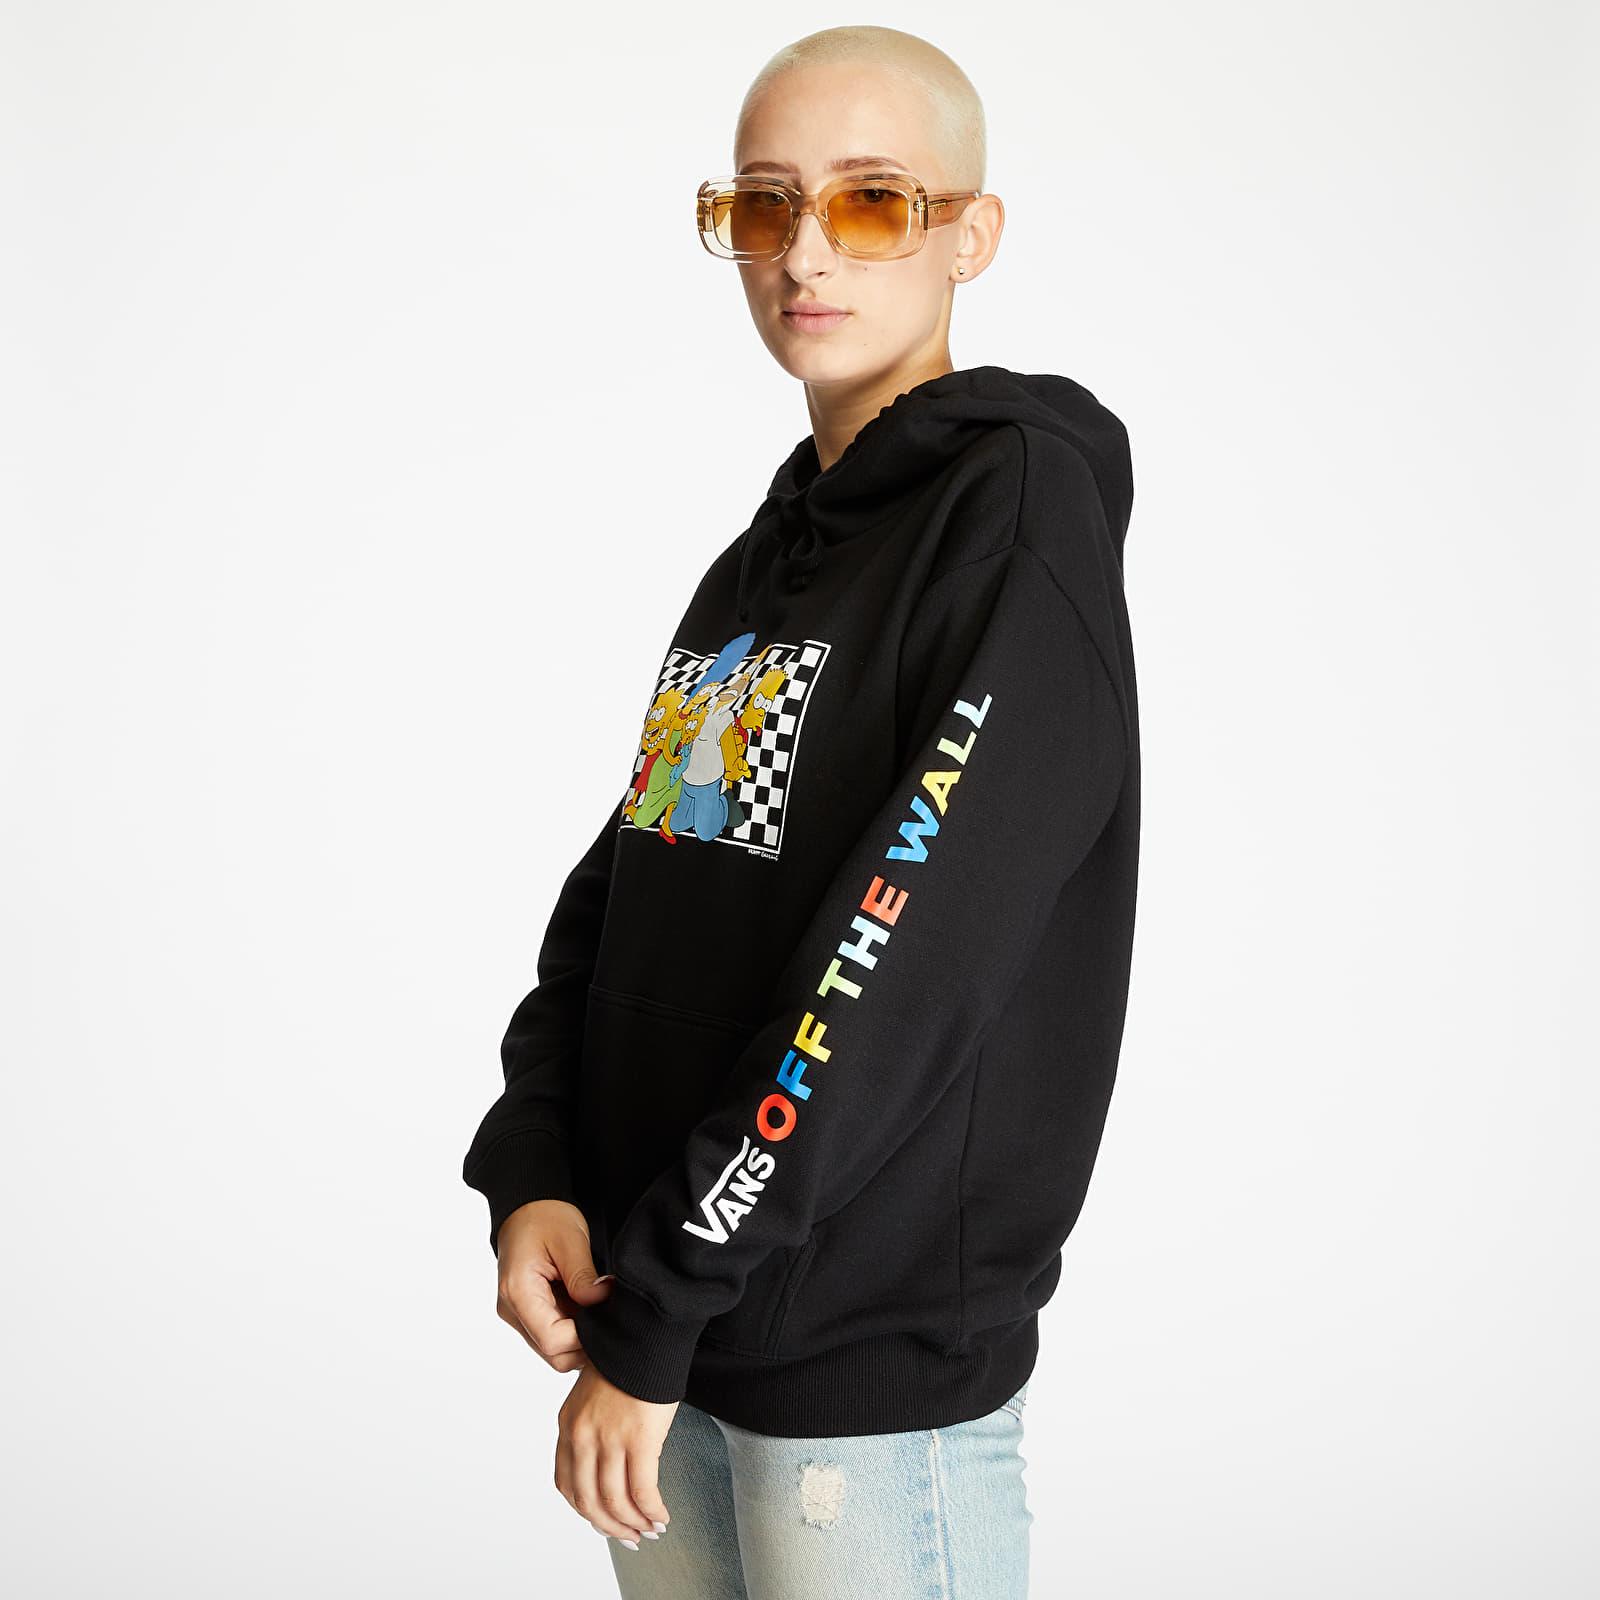 Sweatshirts Vans x The Simpsons Hoodie Black